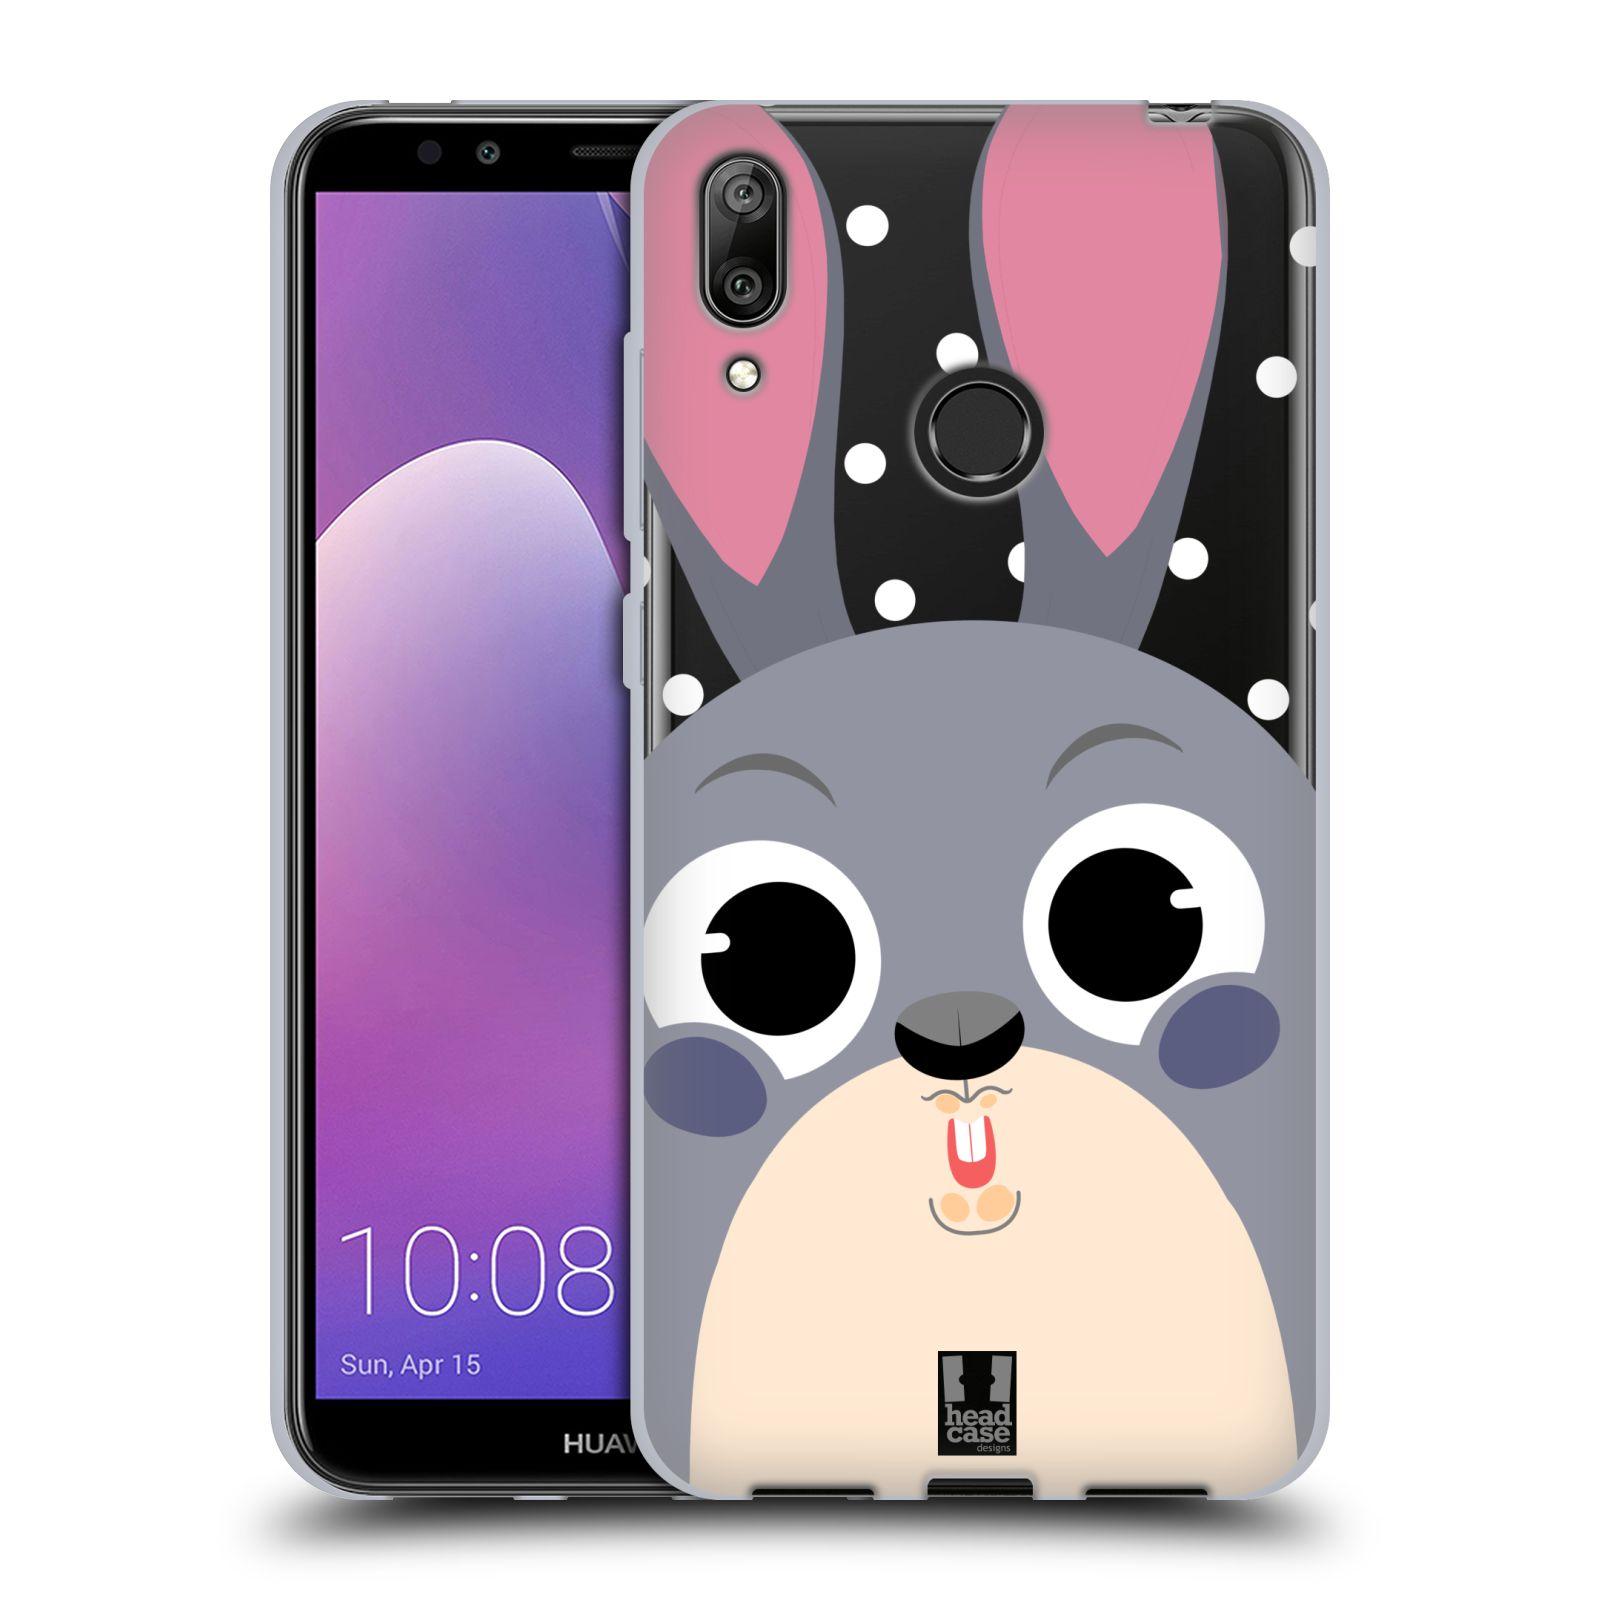 Silikonové pouzdro na mobil Huawei Y7 (2019) - Head Case - Králíček roztomilouš